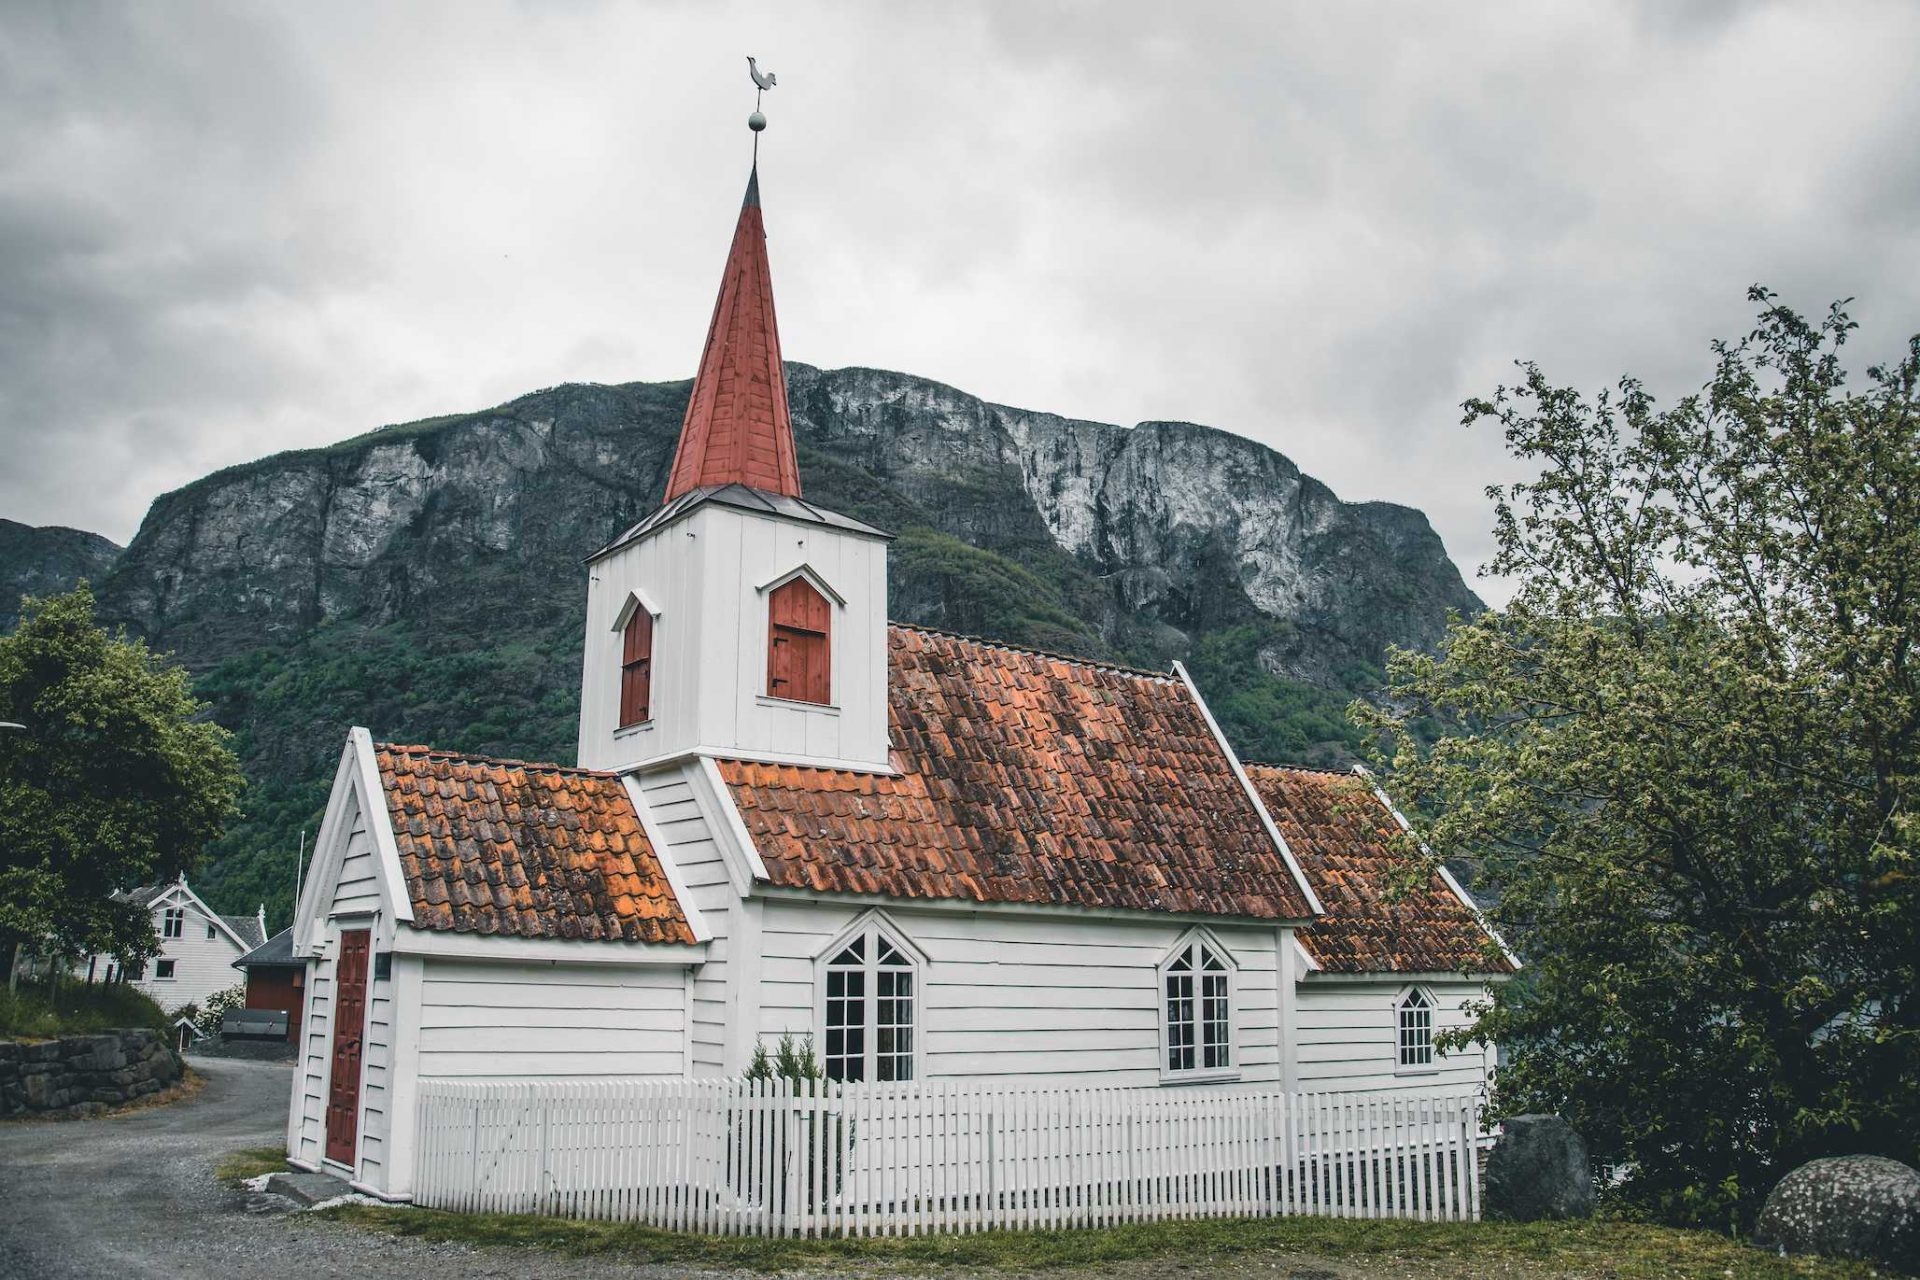 stavkirke Undredal